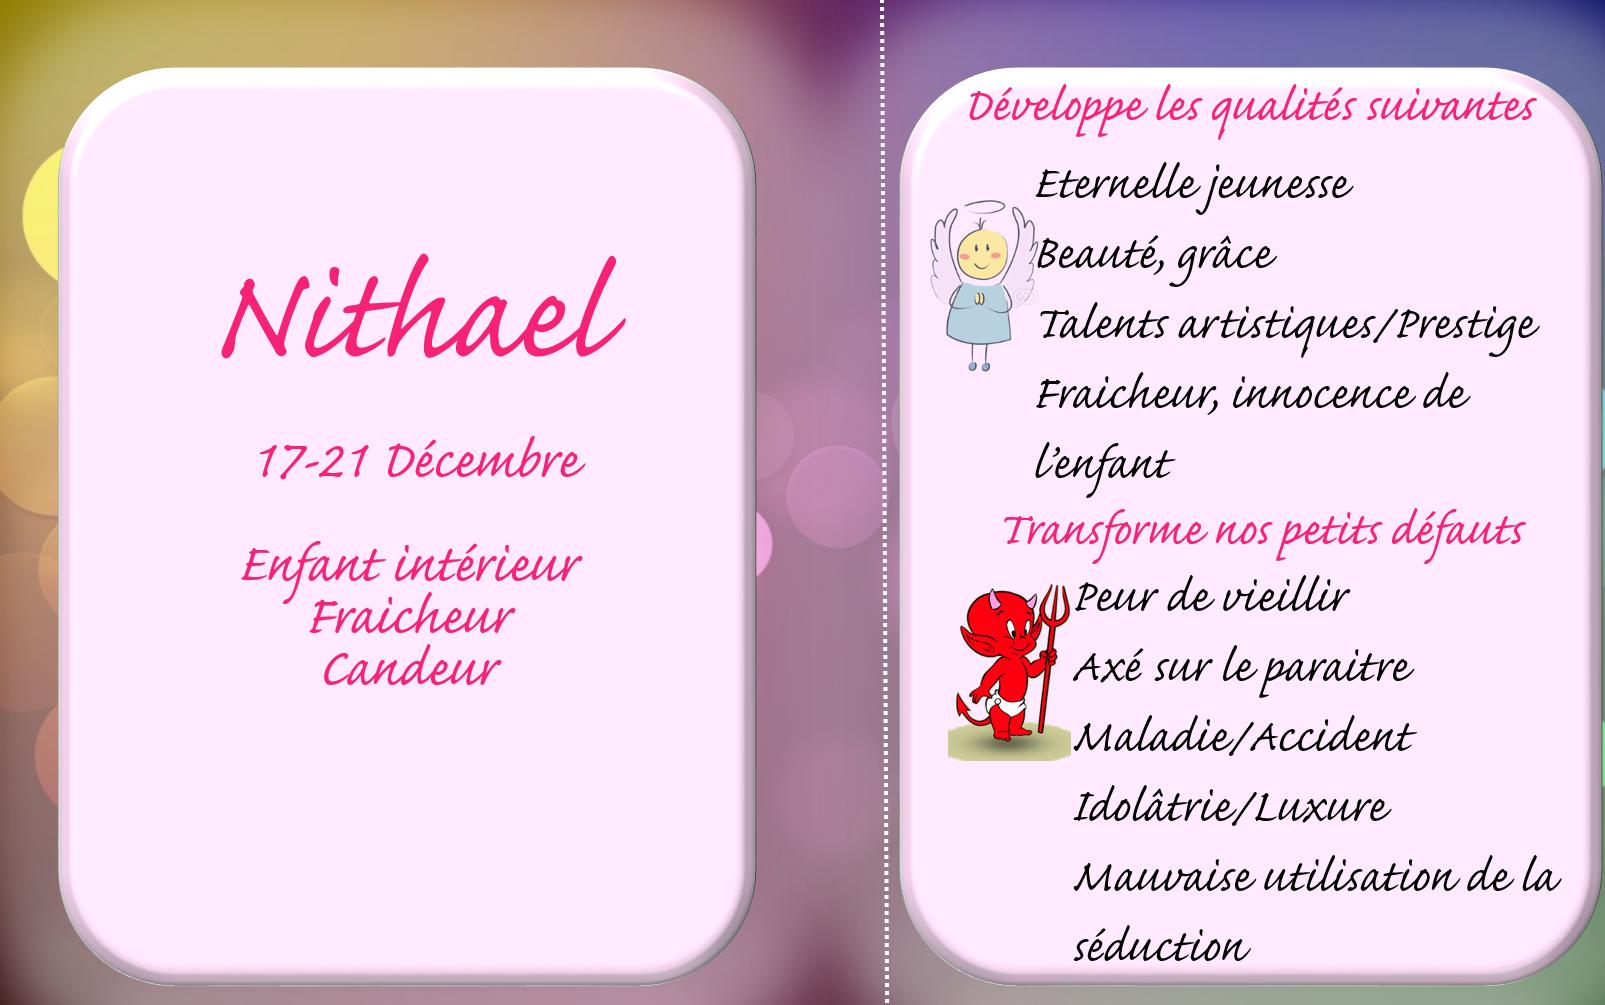 nithael-1